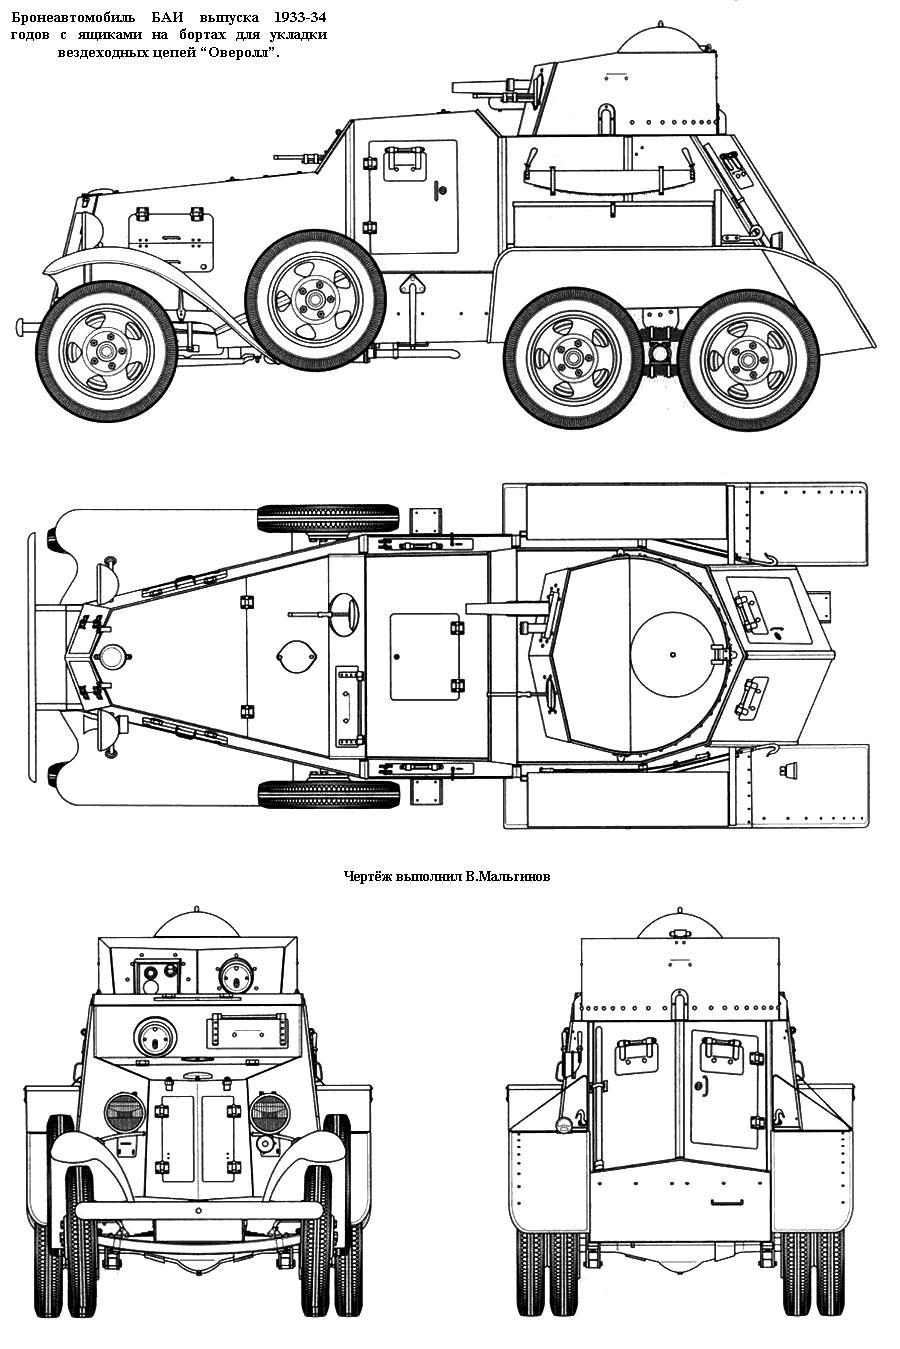 Схема БА-И 1933-34 годов